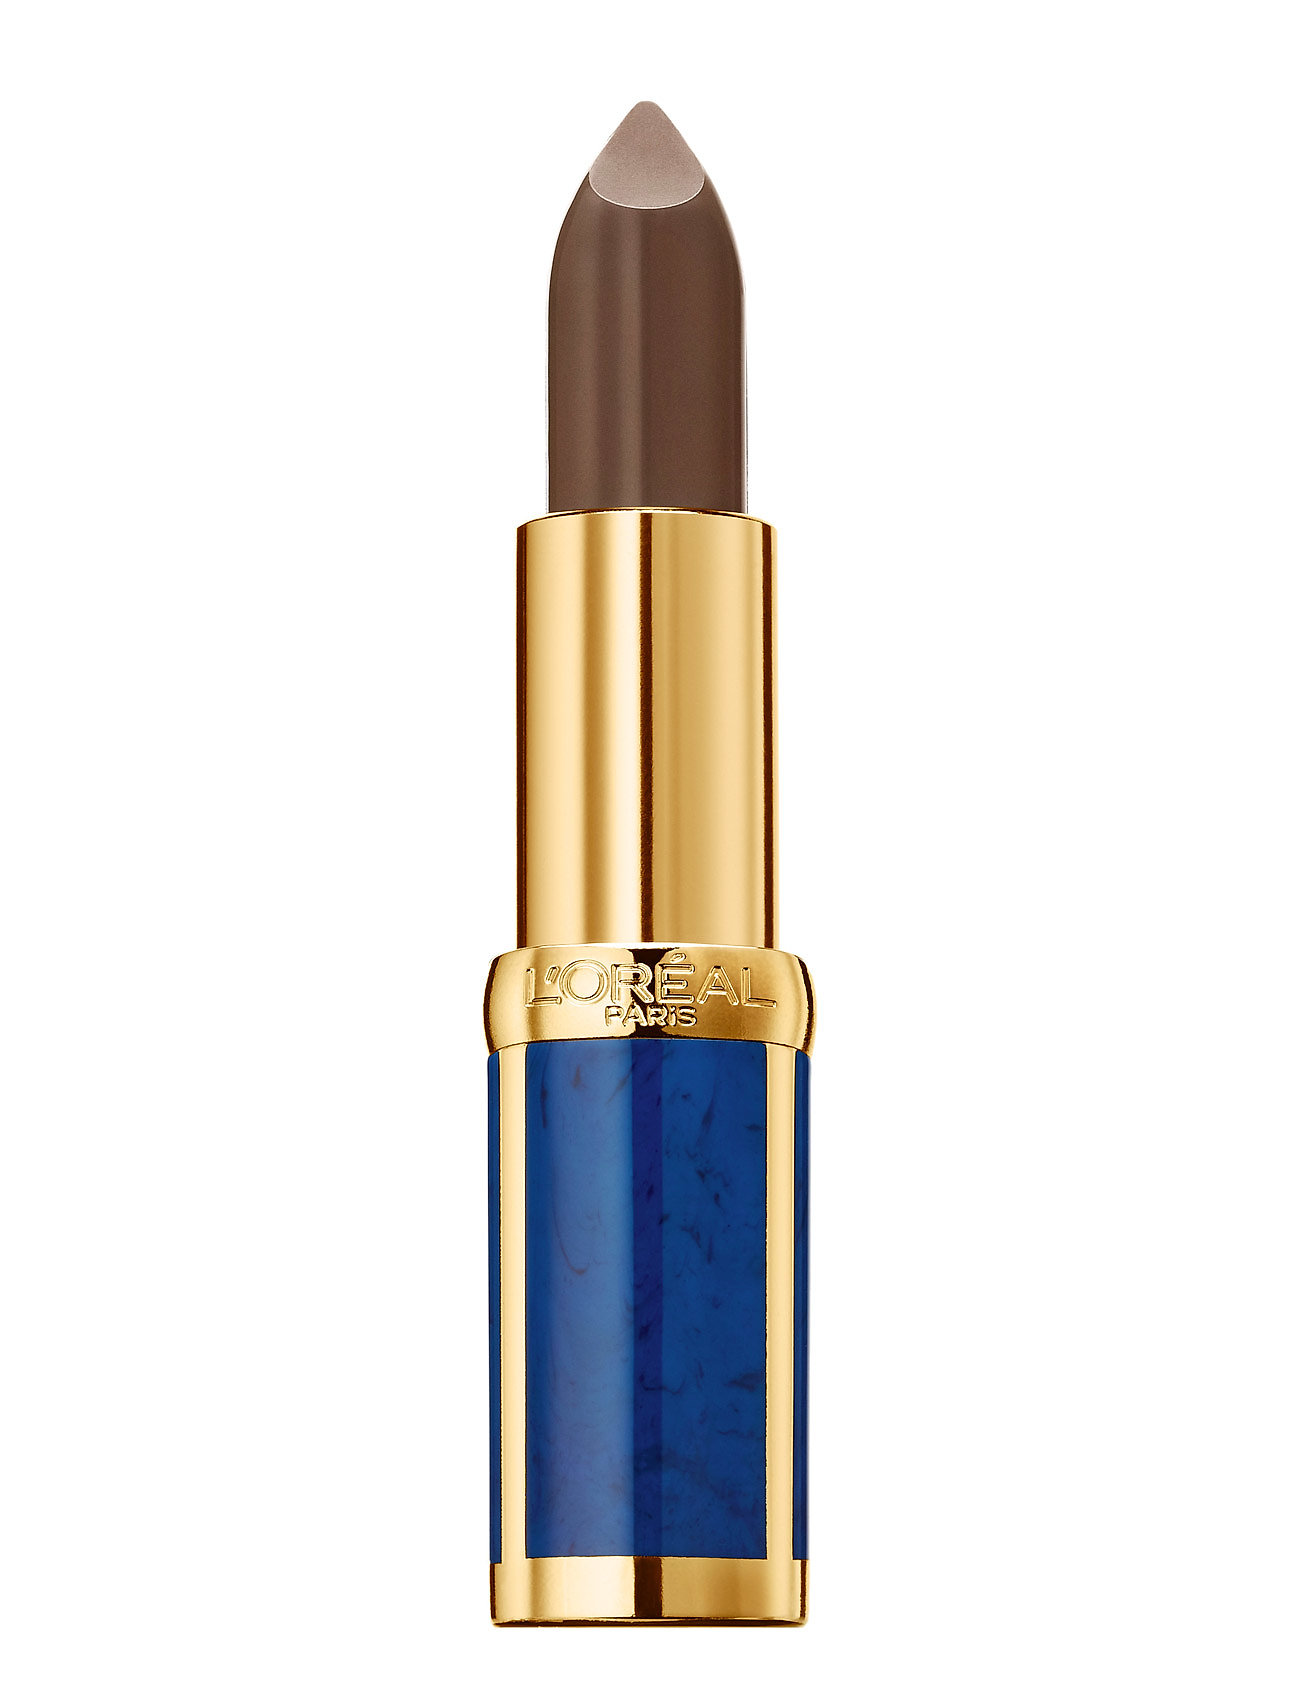 L'Oréal Paris COLOR RICHE X BALMAIN ROCK